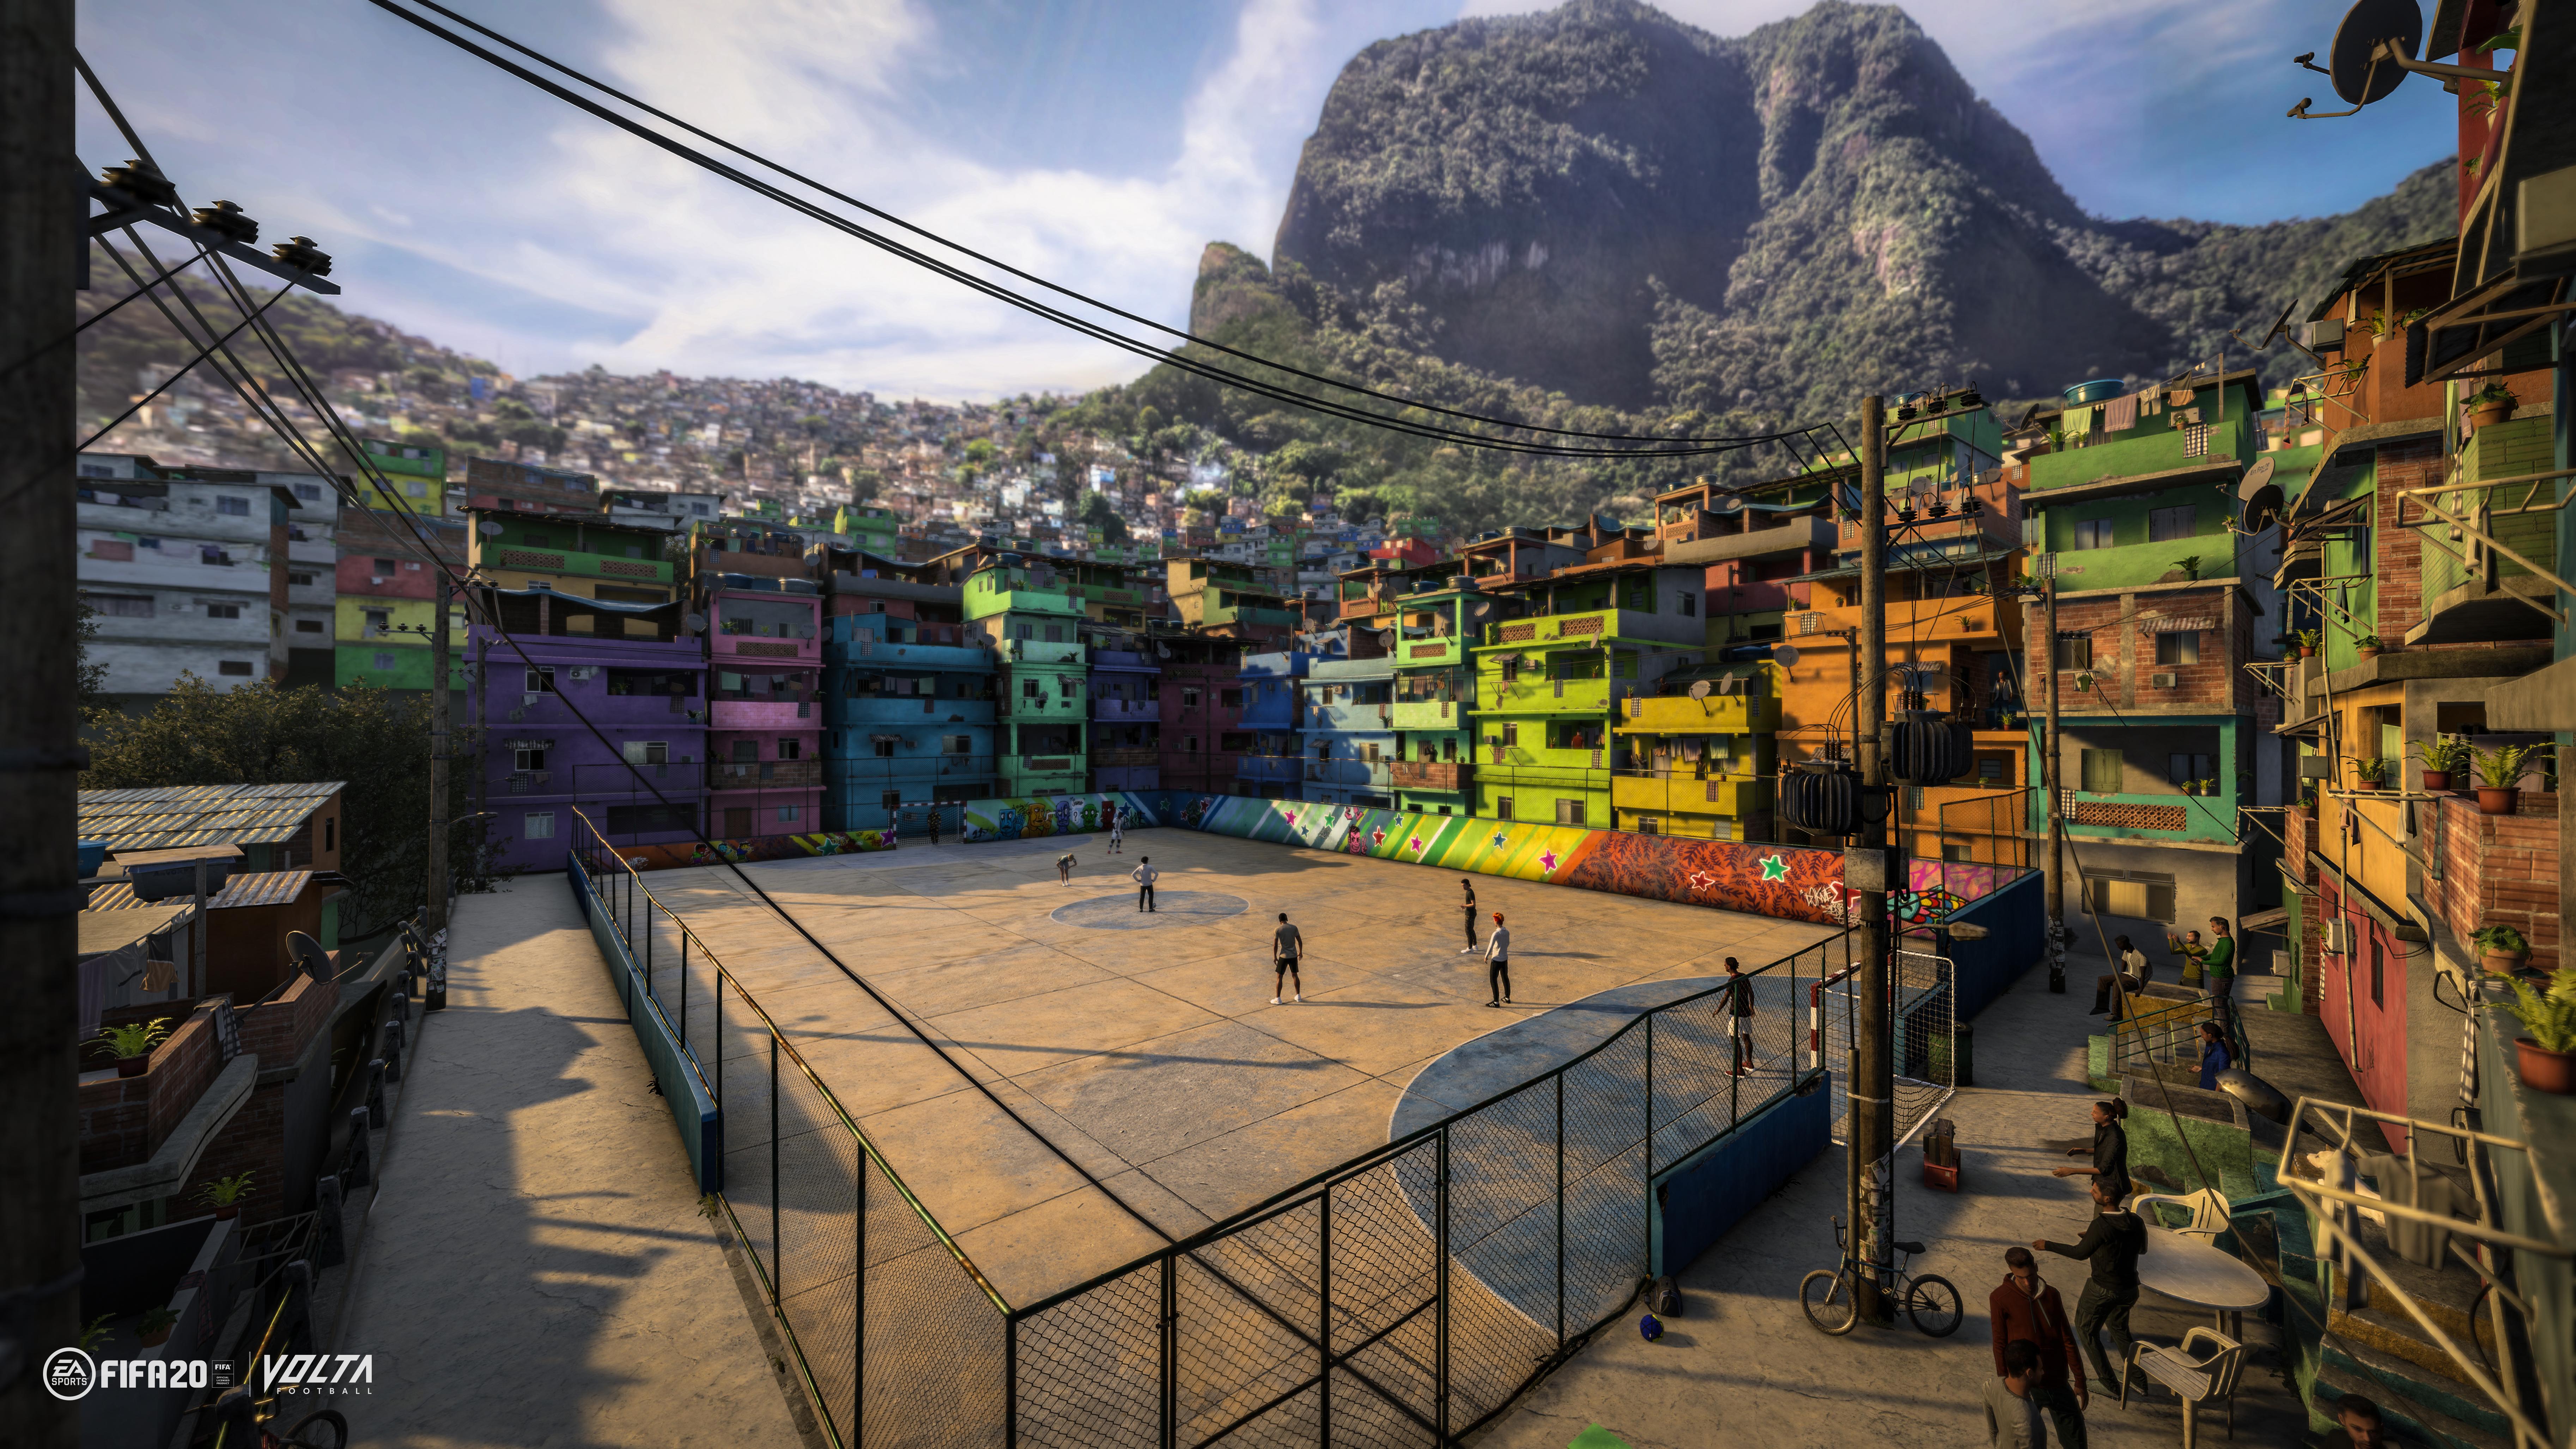 FIFA 20 Volta Rio